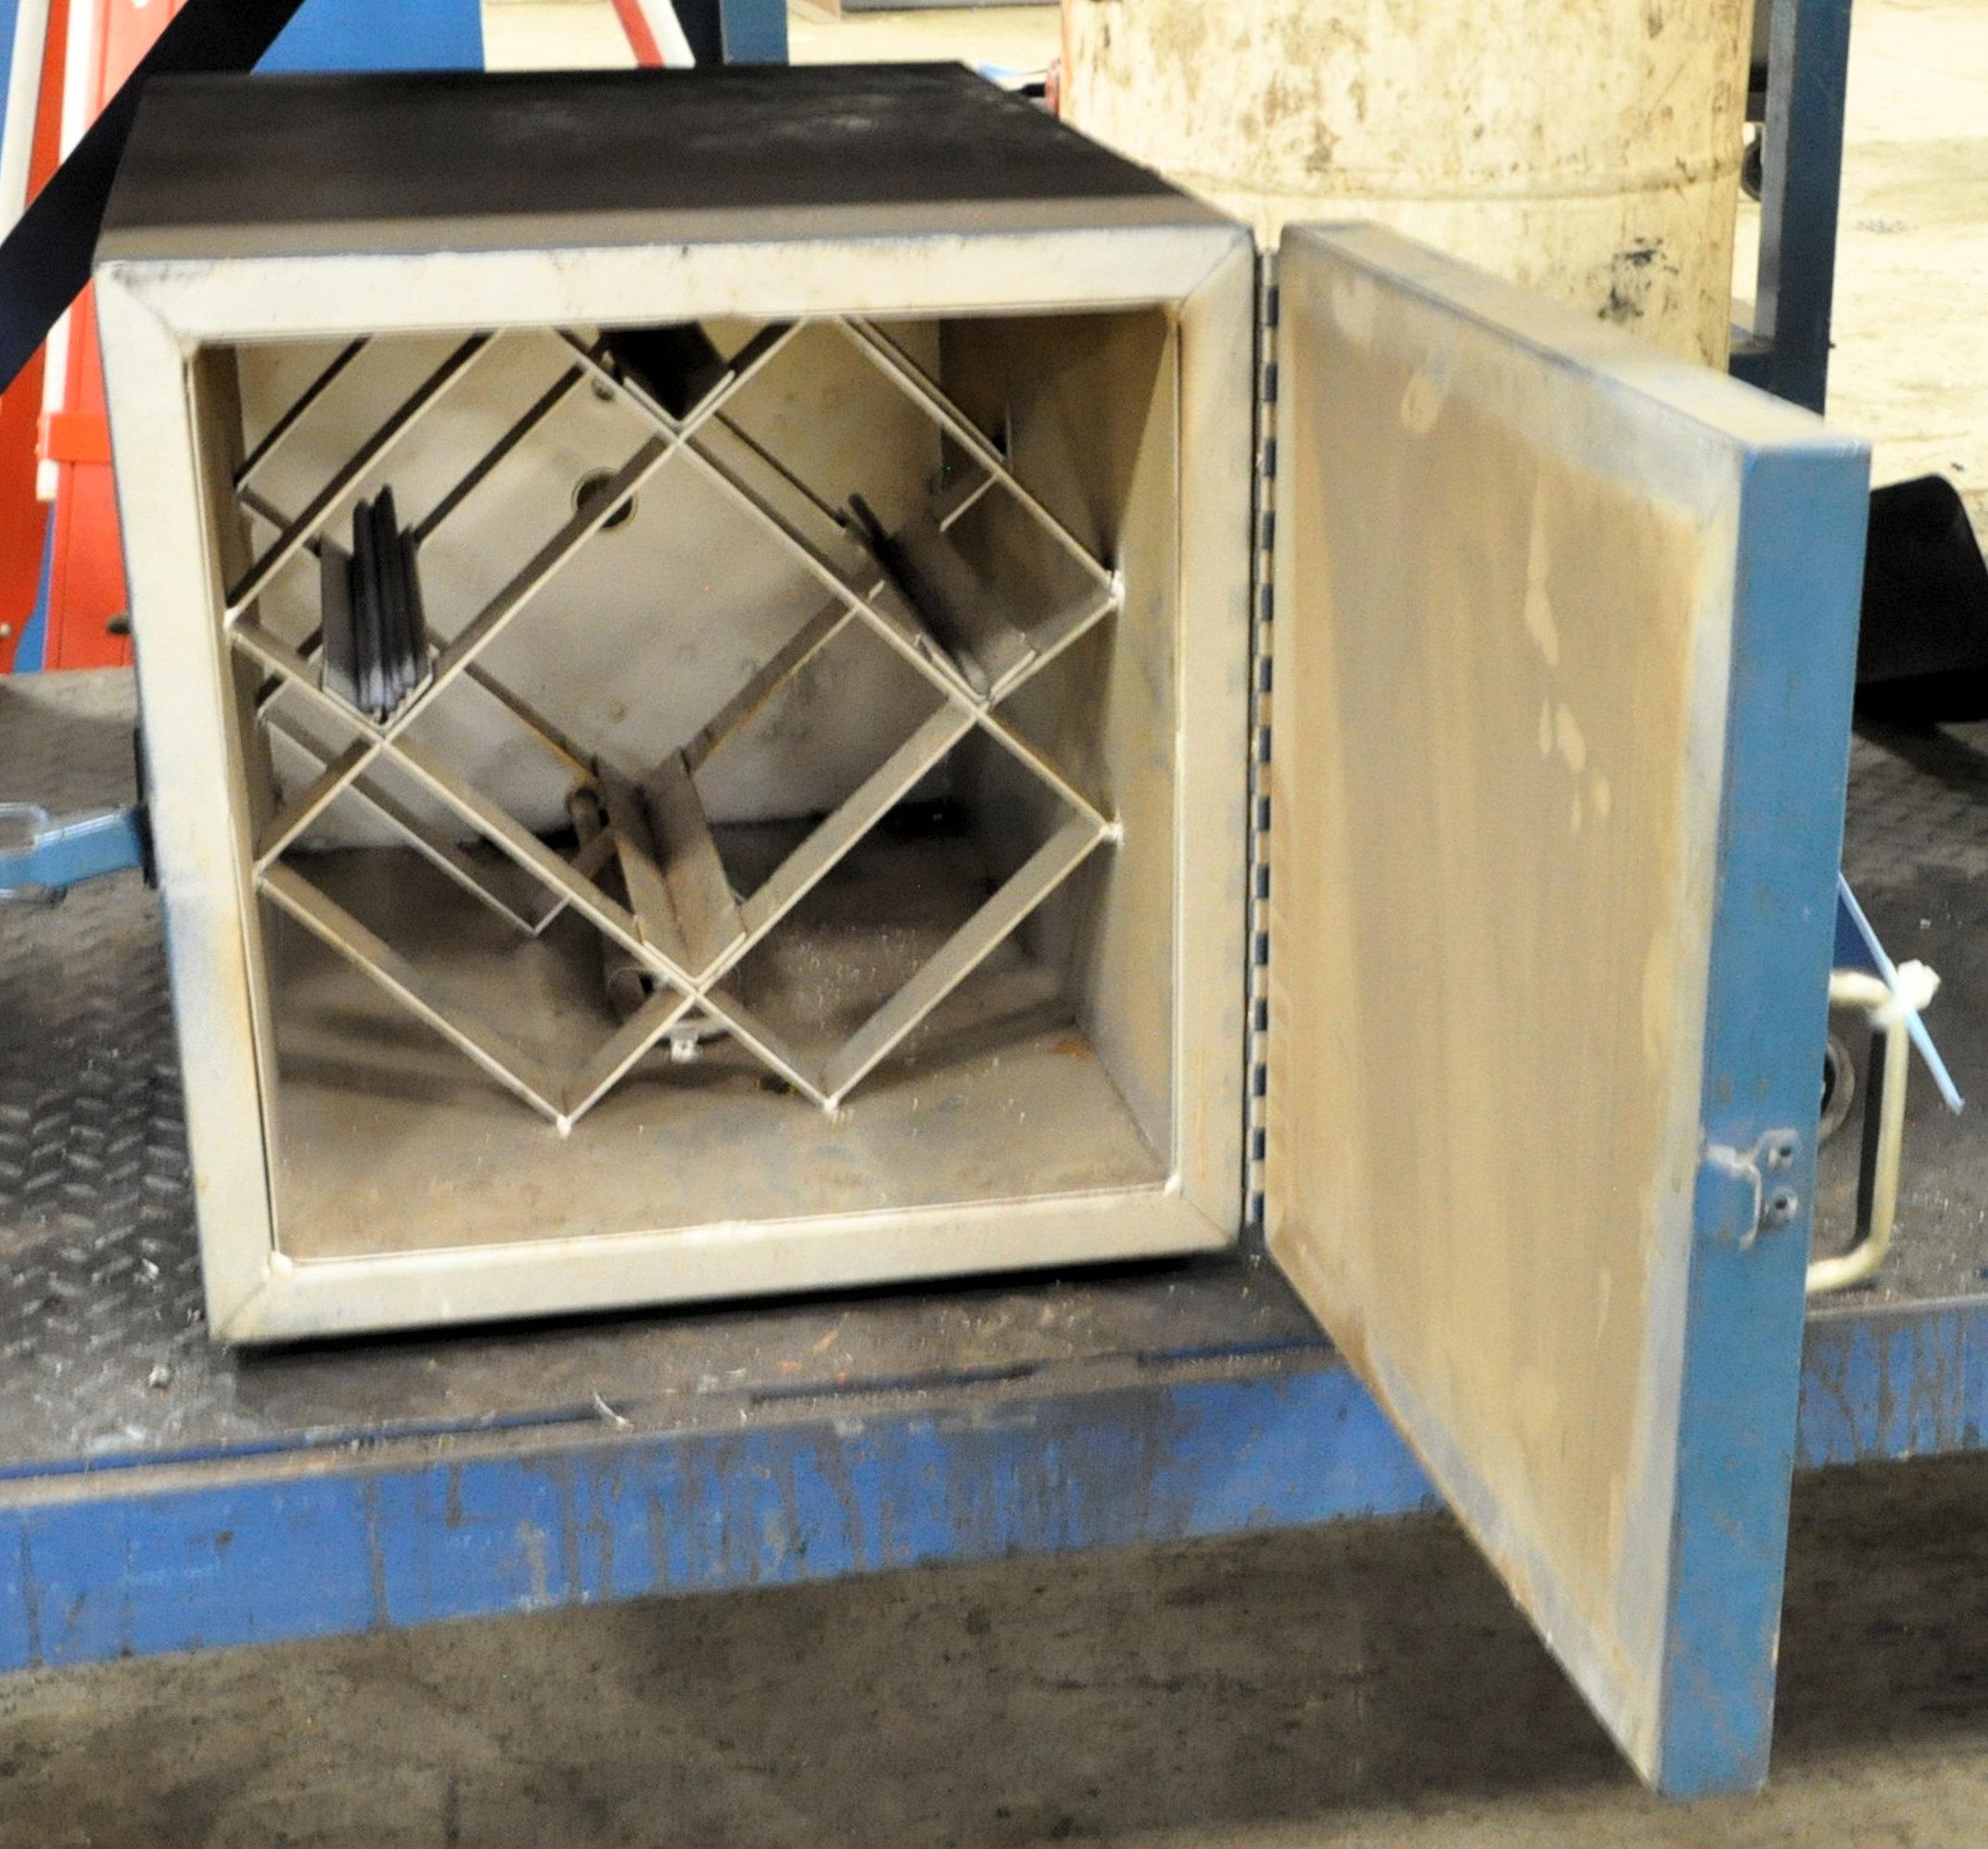 HENKEL Model K-200, 500-Watt Welding Rod Stabilizing Oven - Image 2 of 2